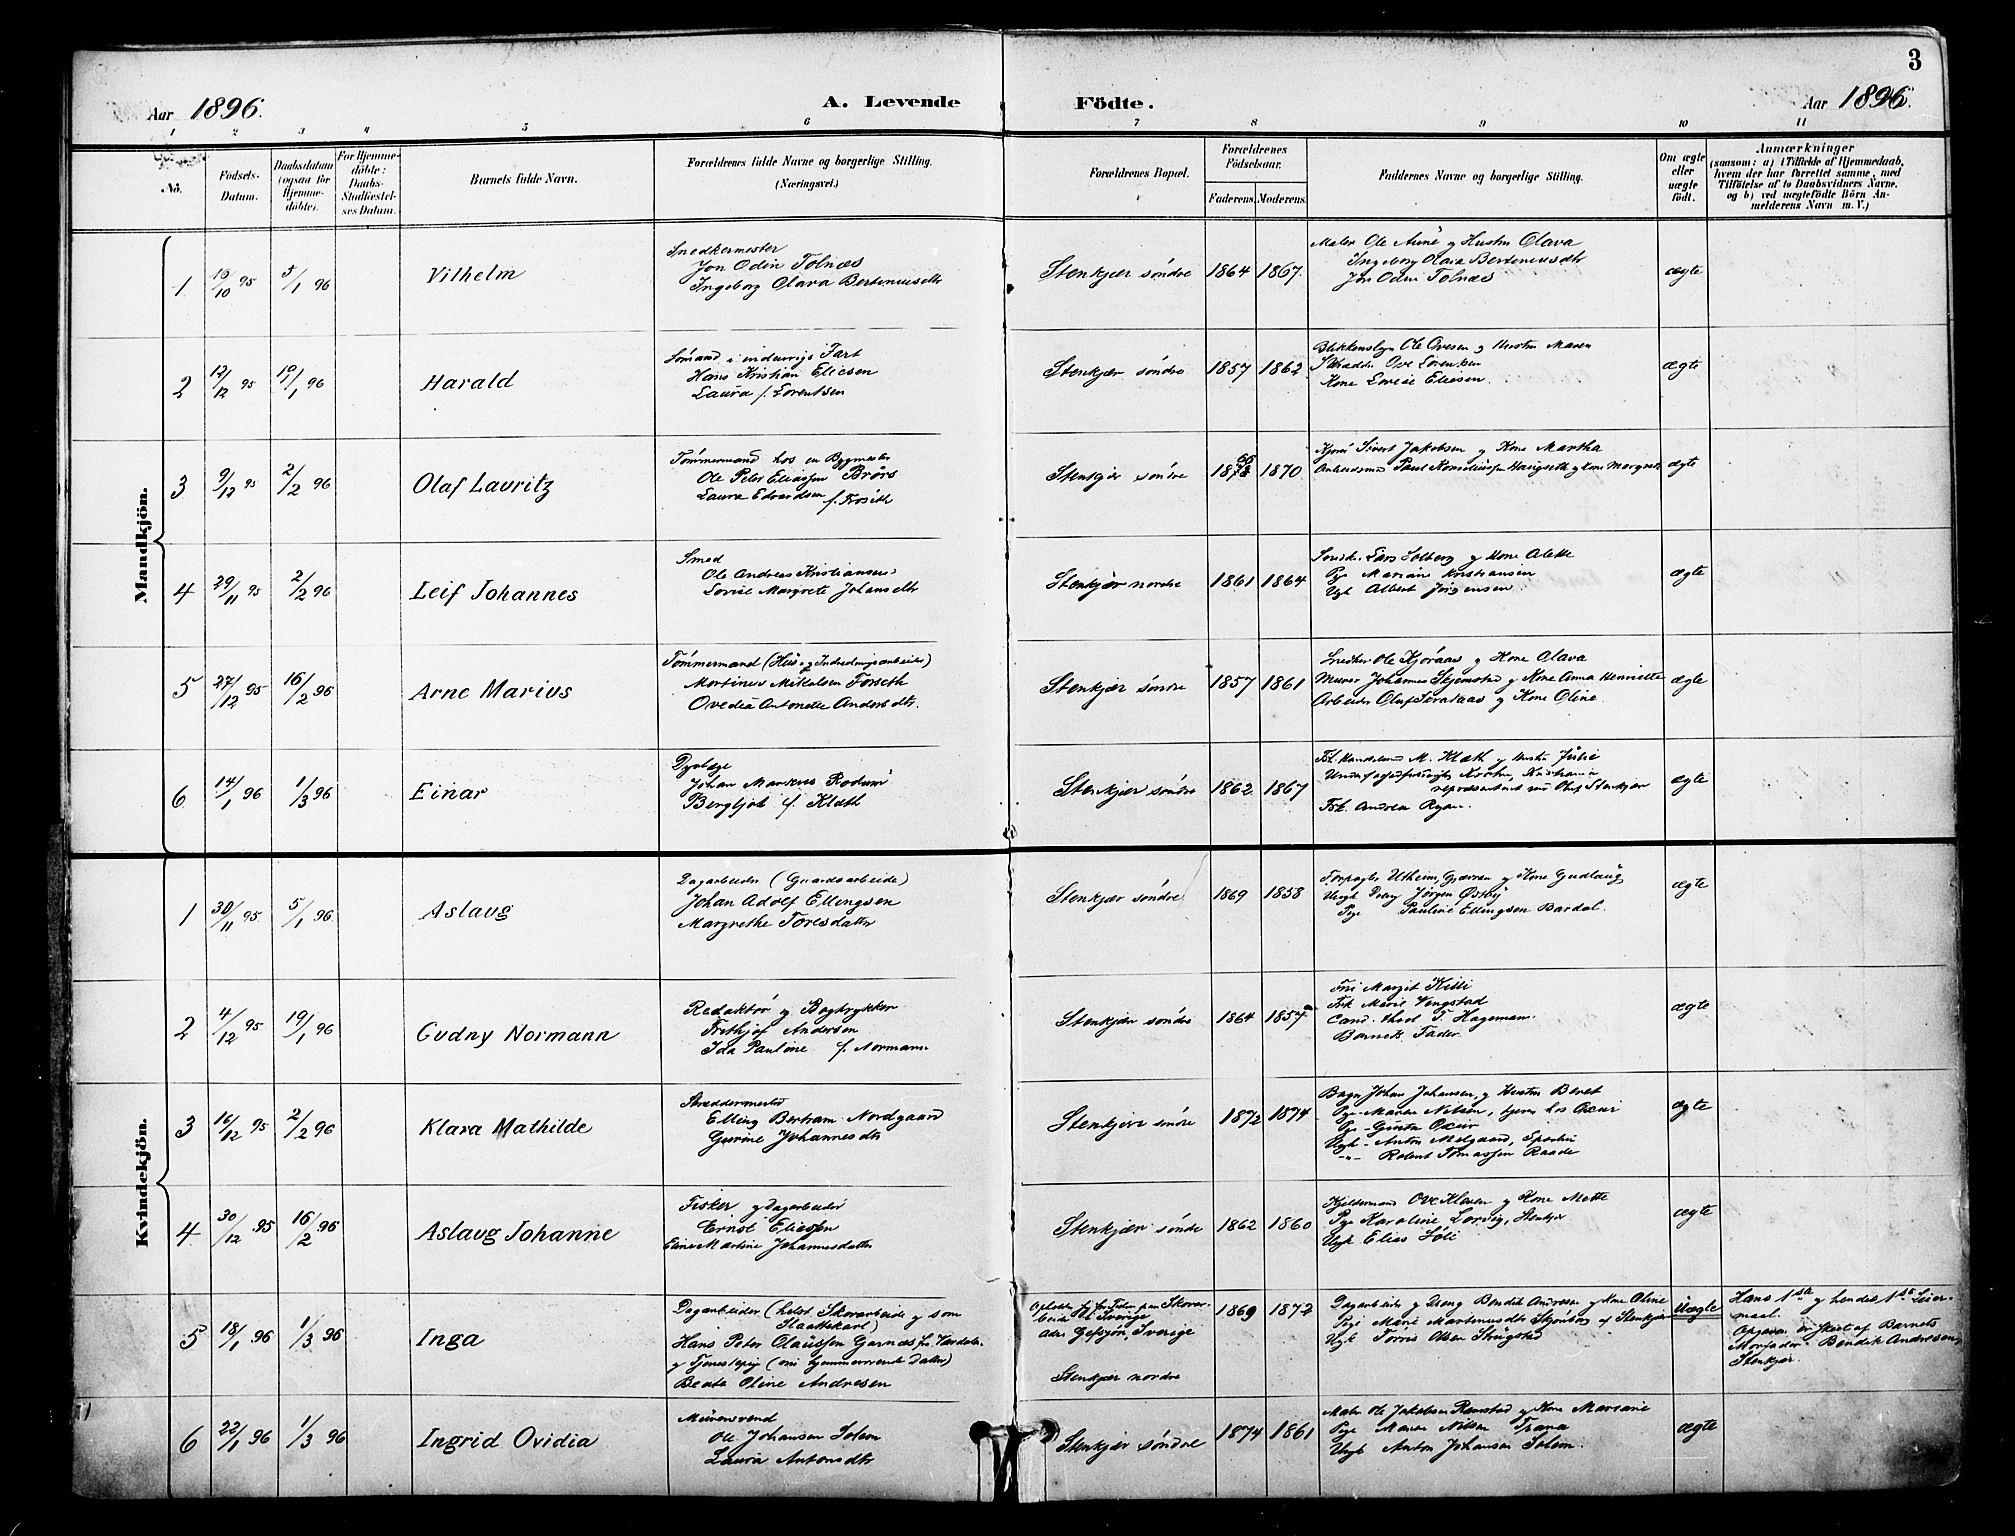 SAT, Ministerialprotokoller, klokkerbøker og fødselsregistre - Nord-Trøndelag, 739/L0372: Ministerialbok nr. 739A04, 1895-1903, s. 3